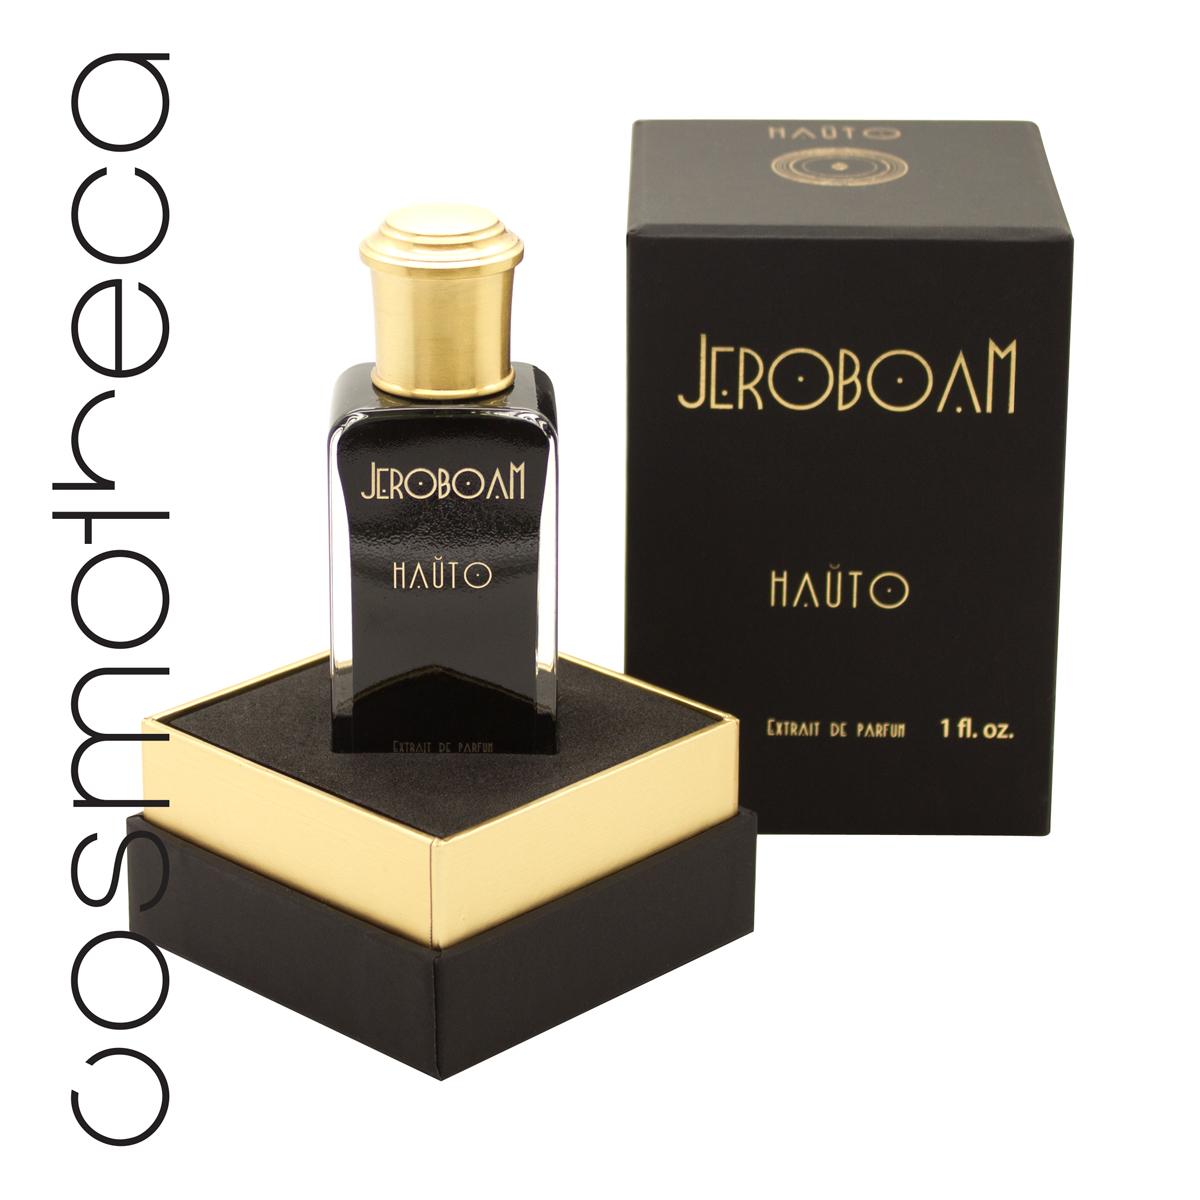 """Jeroboam Парфюмерная эссенция HAUTO, 30 мл70222Во времена «ревущих двадцатых» французские танцовщицы канкана в легендарных парижских кабаре имели собственные парфюмерные ритуалы. Они наносили духи поочередно на все места, где хотели ощутить поцелуи кавалеров. Hauto (""""кожа») – это приглашение ощутить настоящий, пьянящий аромат кожи. ВЕРХ: бергамот, ананас СЕРДЦЕ: тубероза, роза, специи БАЗА: смесь мускусов"""